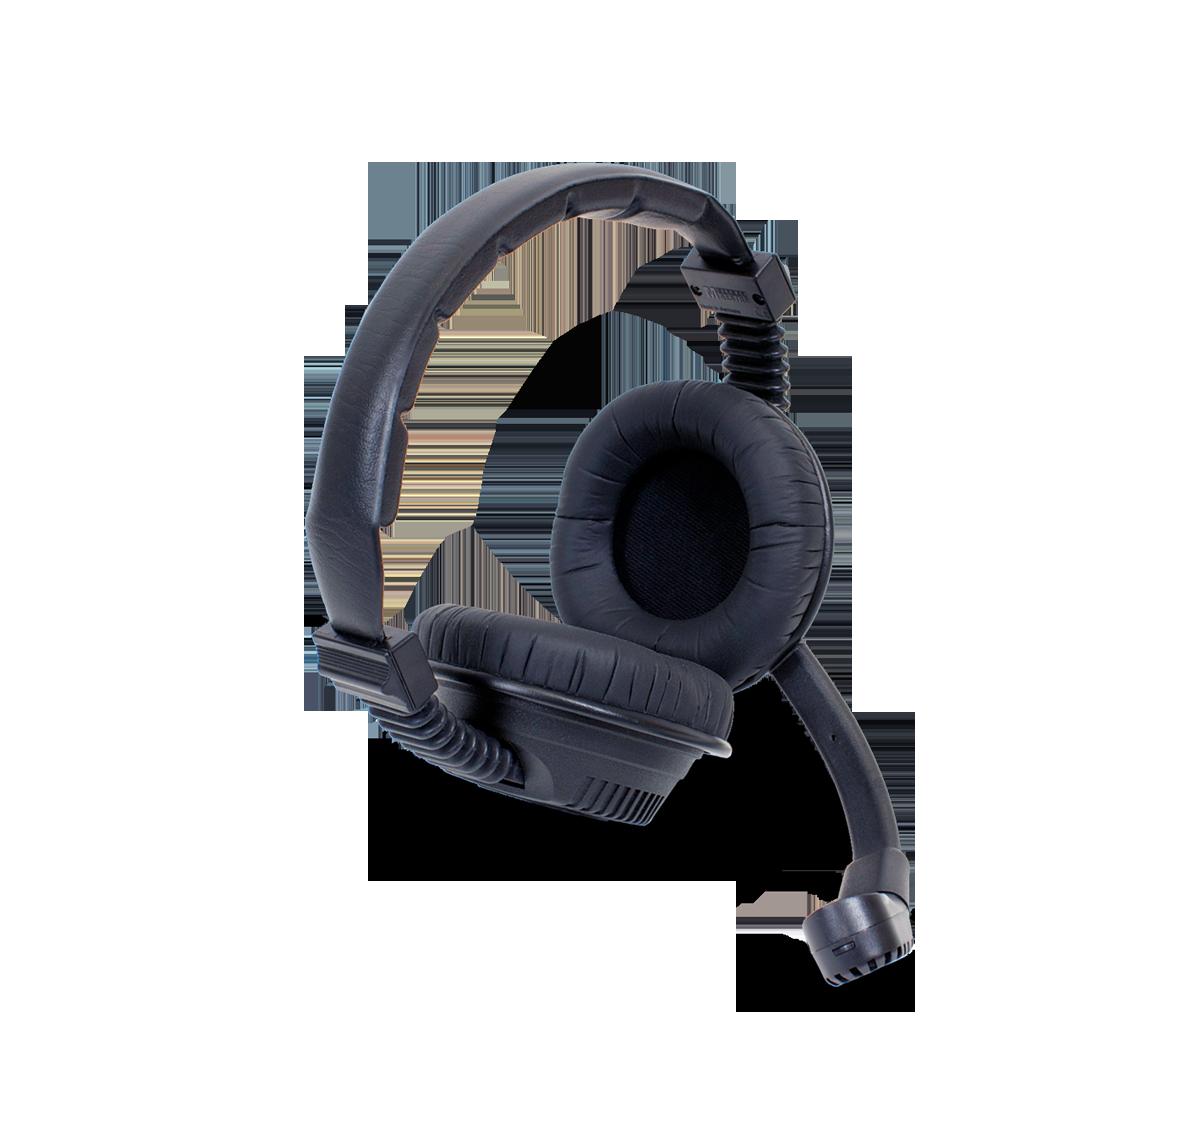 W-MIC 068 Heavy duty  headset mic